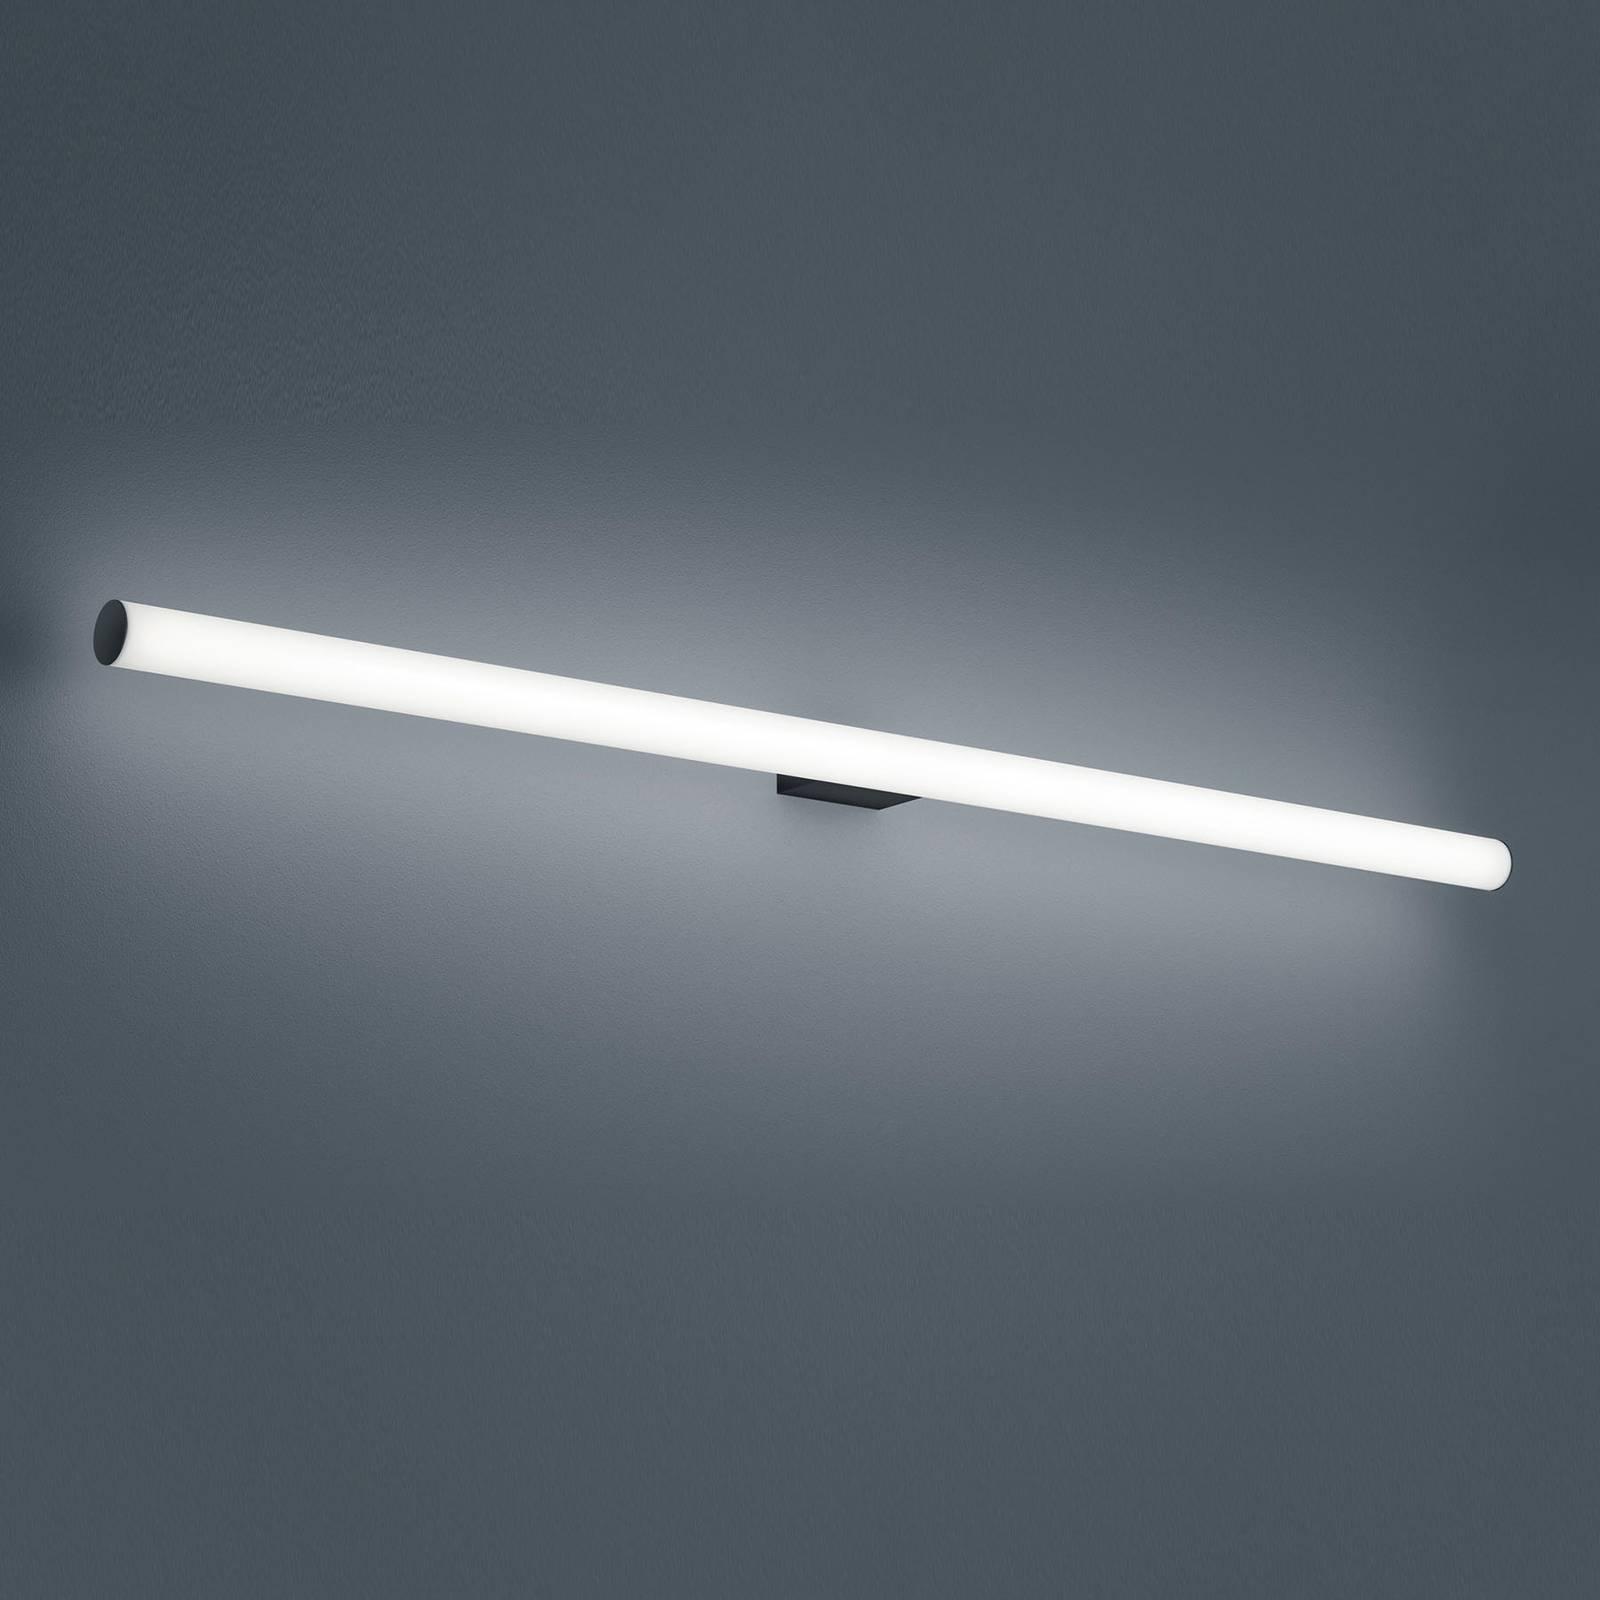 Helestra Loom applique miroir LED noire 120cm